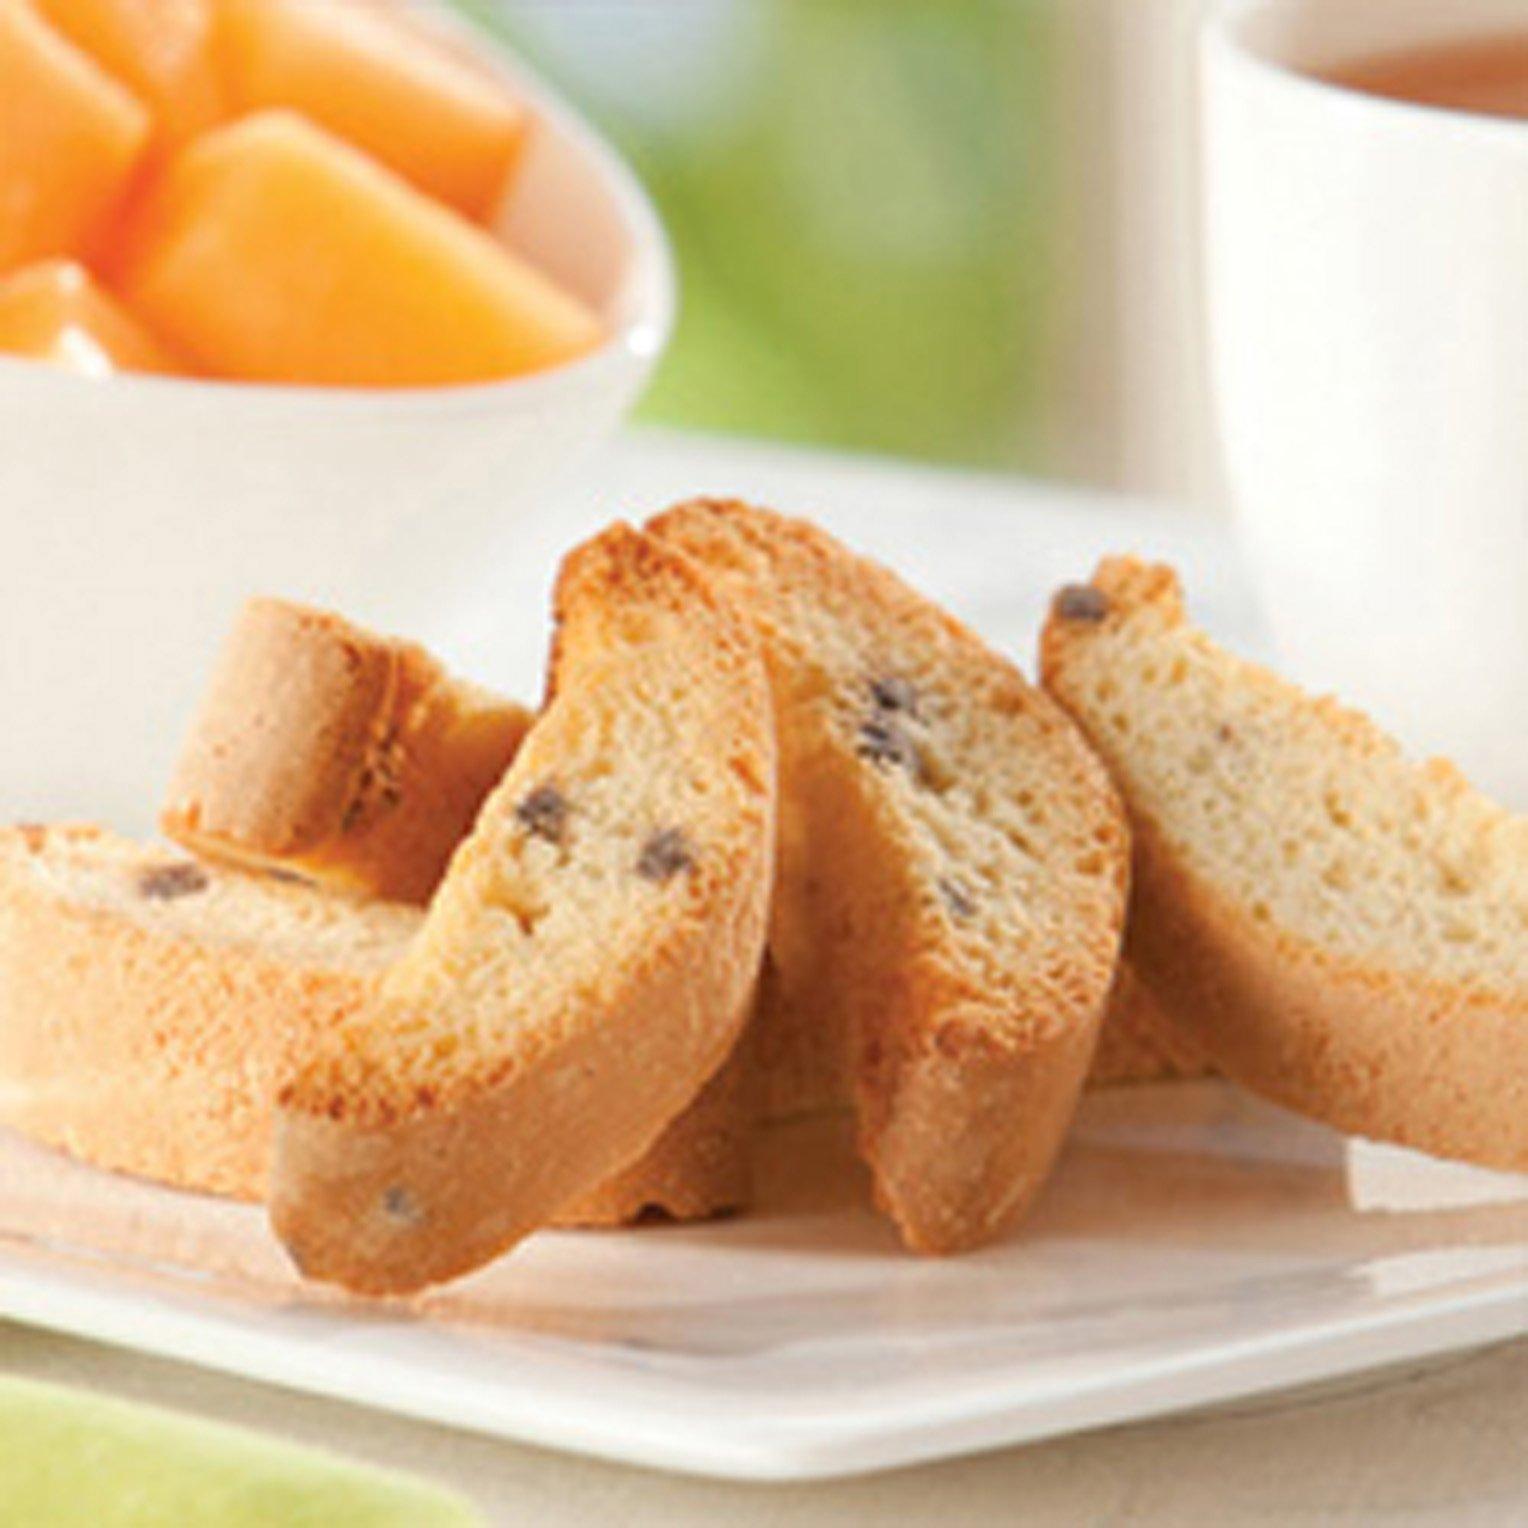 Healthy Diet Almond Chip Biscotti (7 oz bag)